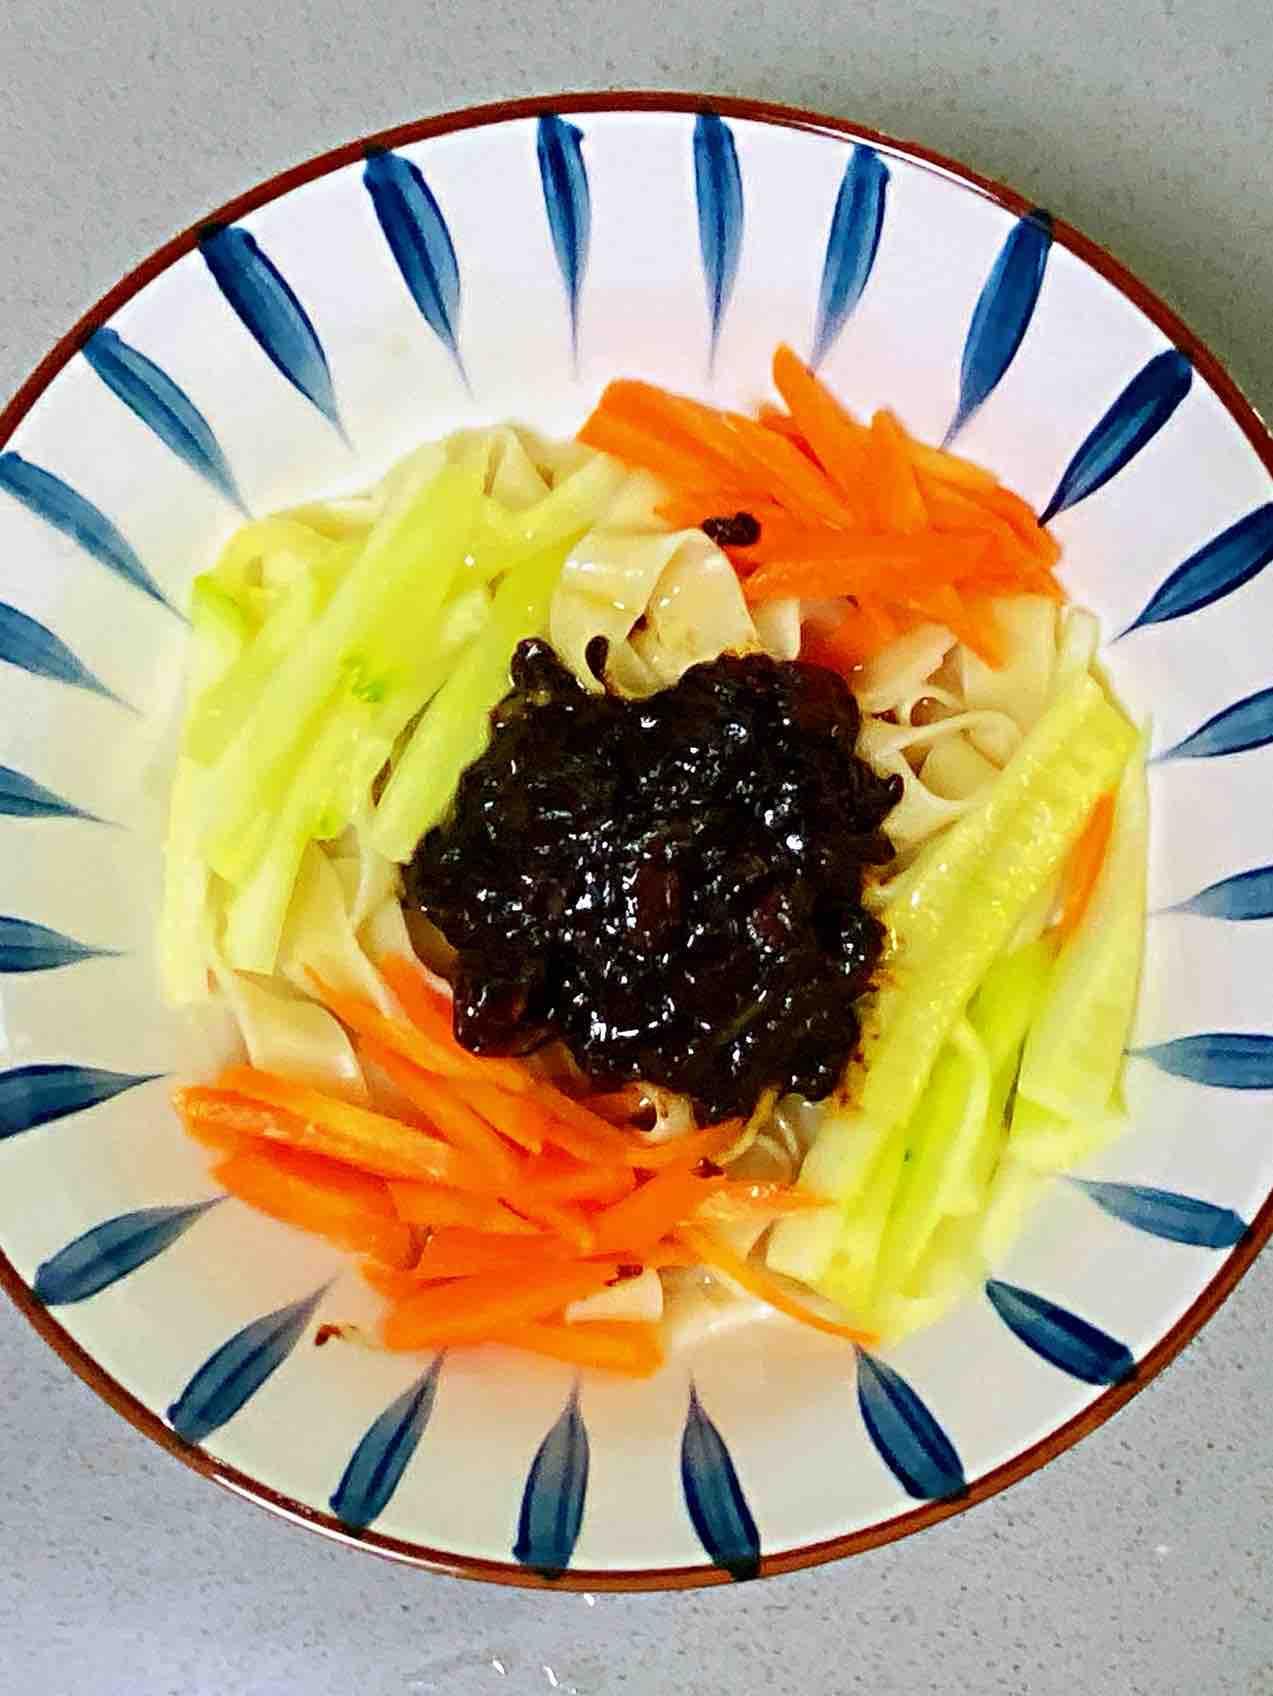 【孕妇食谱】老北京炸酱面,正宗不正宗,关键在炸酱~的做法